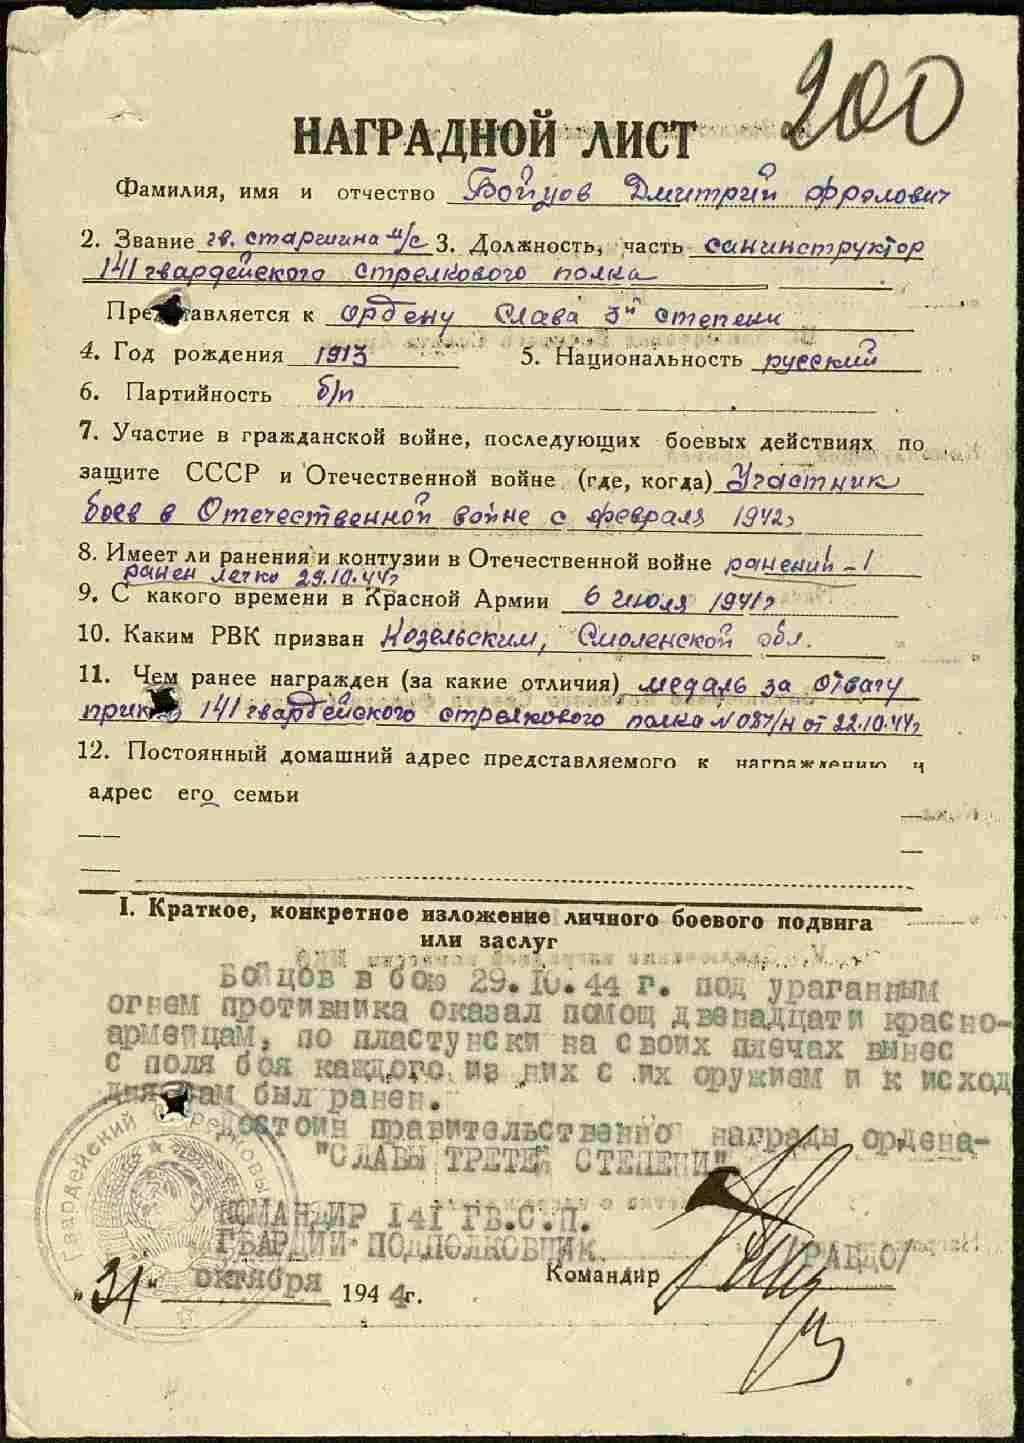 dmitry.jpg